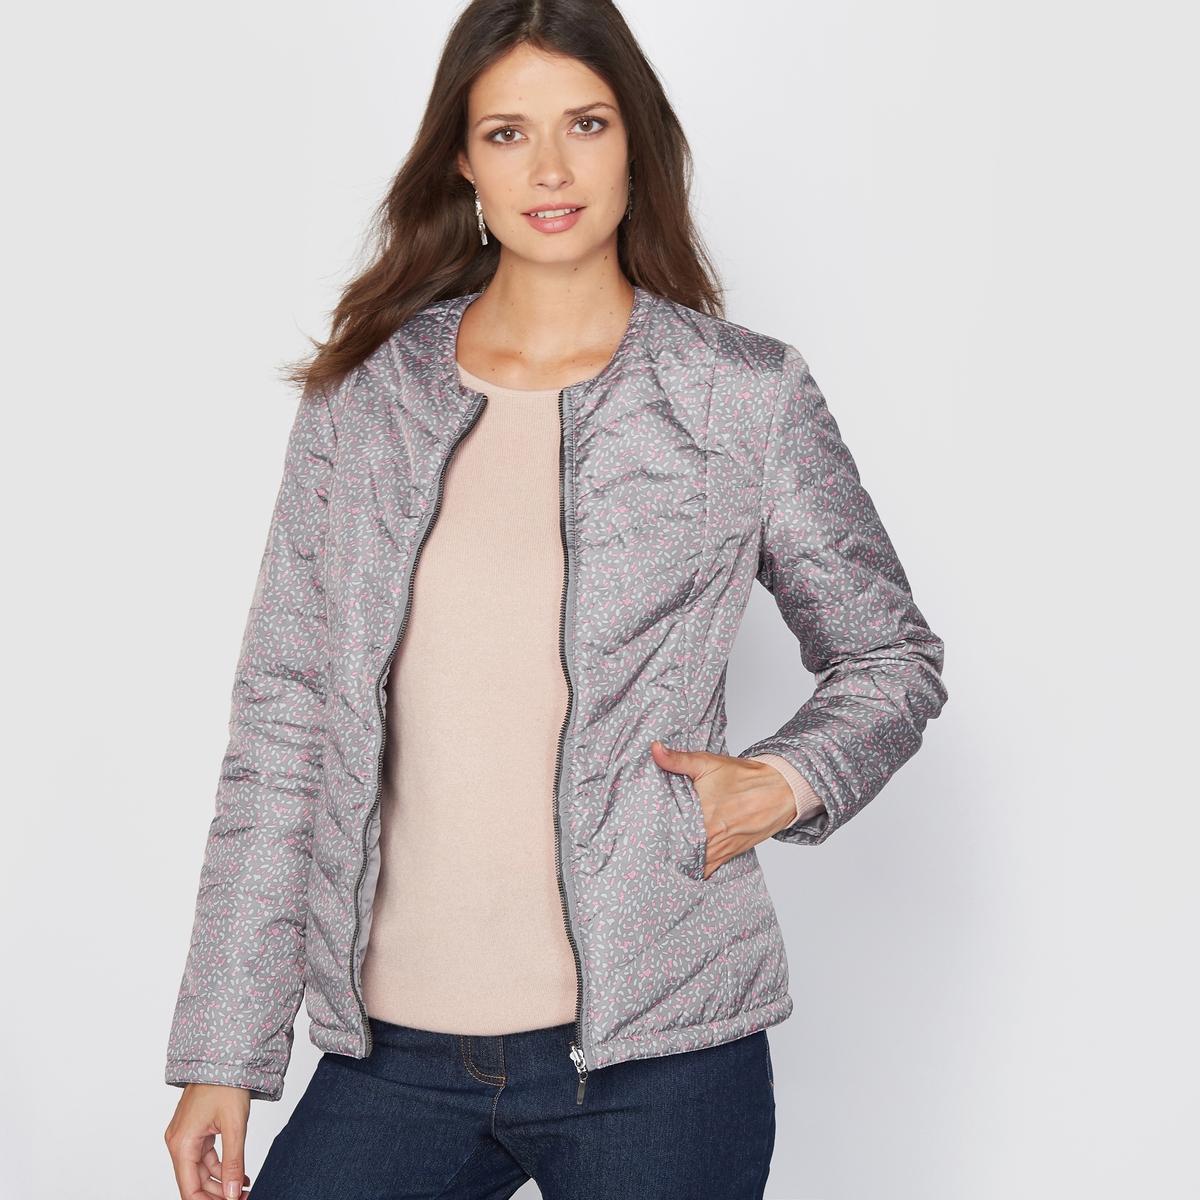 Куртка стёганая, лёгкая, двусторонняя, обработанная тефлономКуртка стёганая двусторонняя. Эта стёганая куртка, тонкая и слегка прошитая, Вам просто необходима! Эту двустороннюю куртку Вы можете носить так, как Вам угодно - на стороне с принтом или на однотонной стороне! Прошивка спереди и сзади. Круглый вырез, застёжка на молнию спереди.Приталенный покрой, отрезные детали спереди и сзади. 2 отрезных кармана.Состав и описание:Материал: Ткань из 100% полиамида, обработанная тефлоном.Длина: 62 см.Марка: Anne WeyburnУход:Машинная стирка при 30° в умеренном режиме.Не гладить.<br><br>Цвет: рисунок/фон антрацит<br>Размер: 40 (FR) - 46 (RUS).44 (FR) - 50 (RUS)